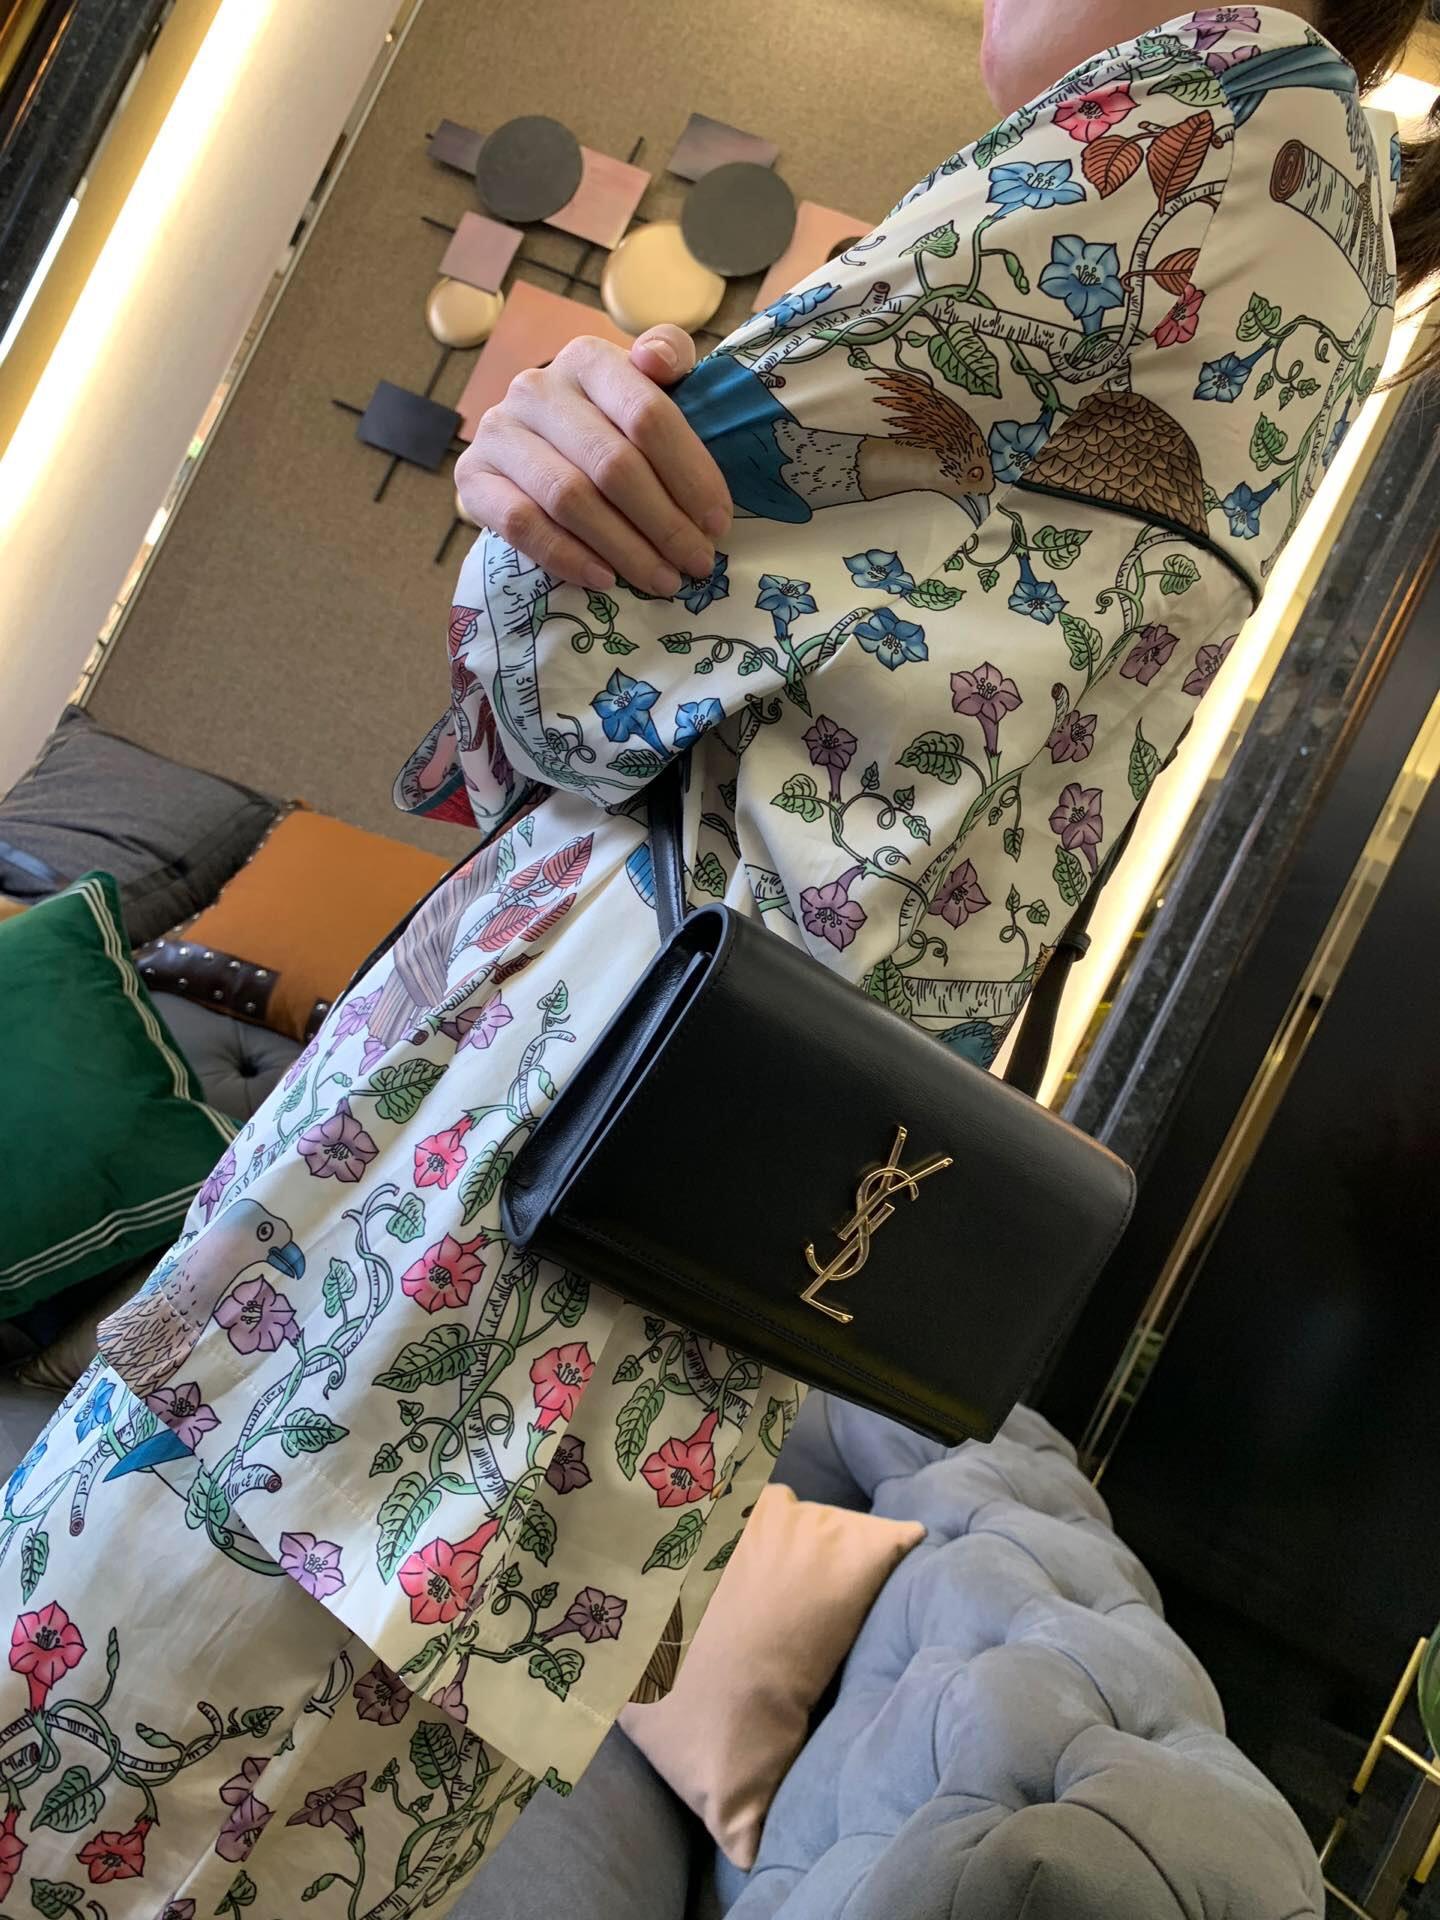 聖羅蘭 YSL包包官網 KATE 黑色小牛皮真皮腰包 534395DV70J1000